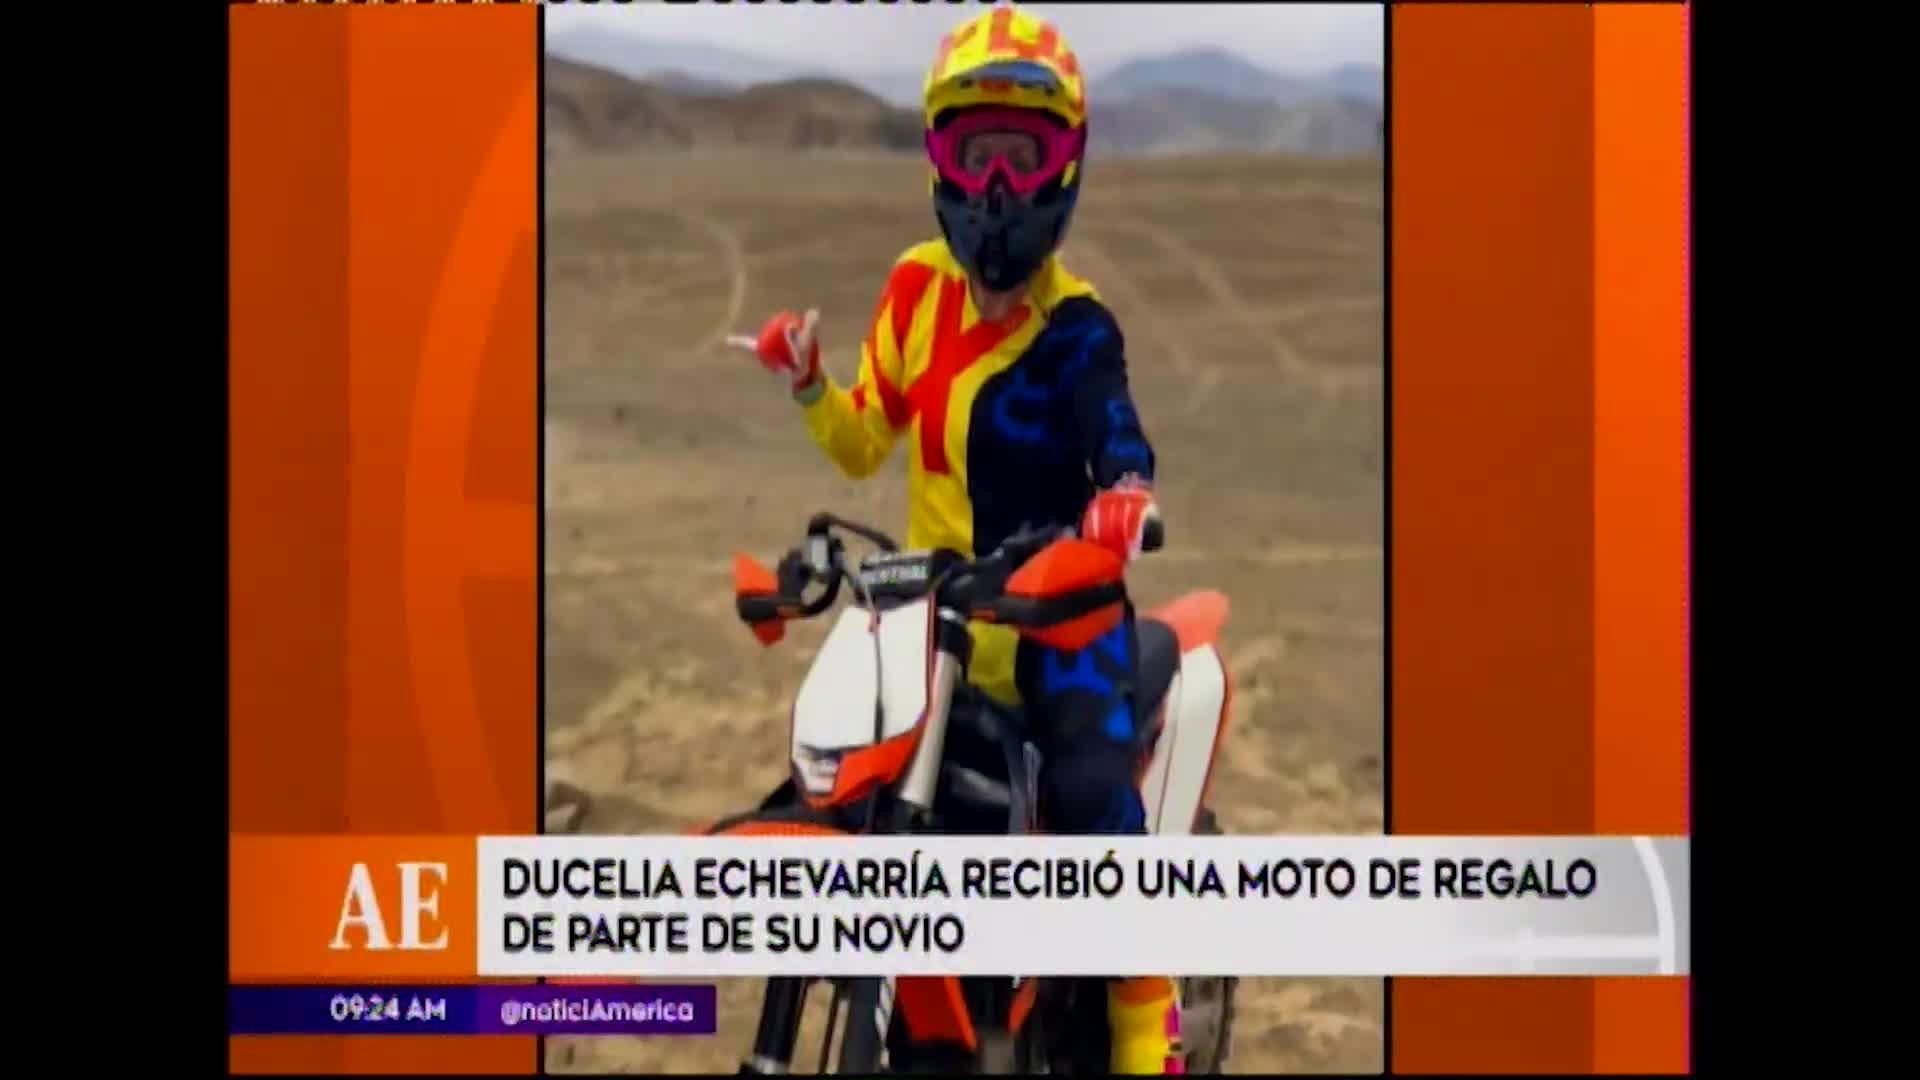 EEG: Ducelia Echevarría se emociona al recibir una motocicleta de parte de su novio